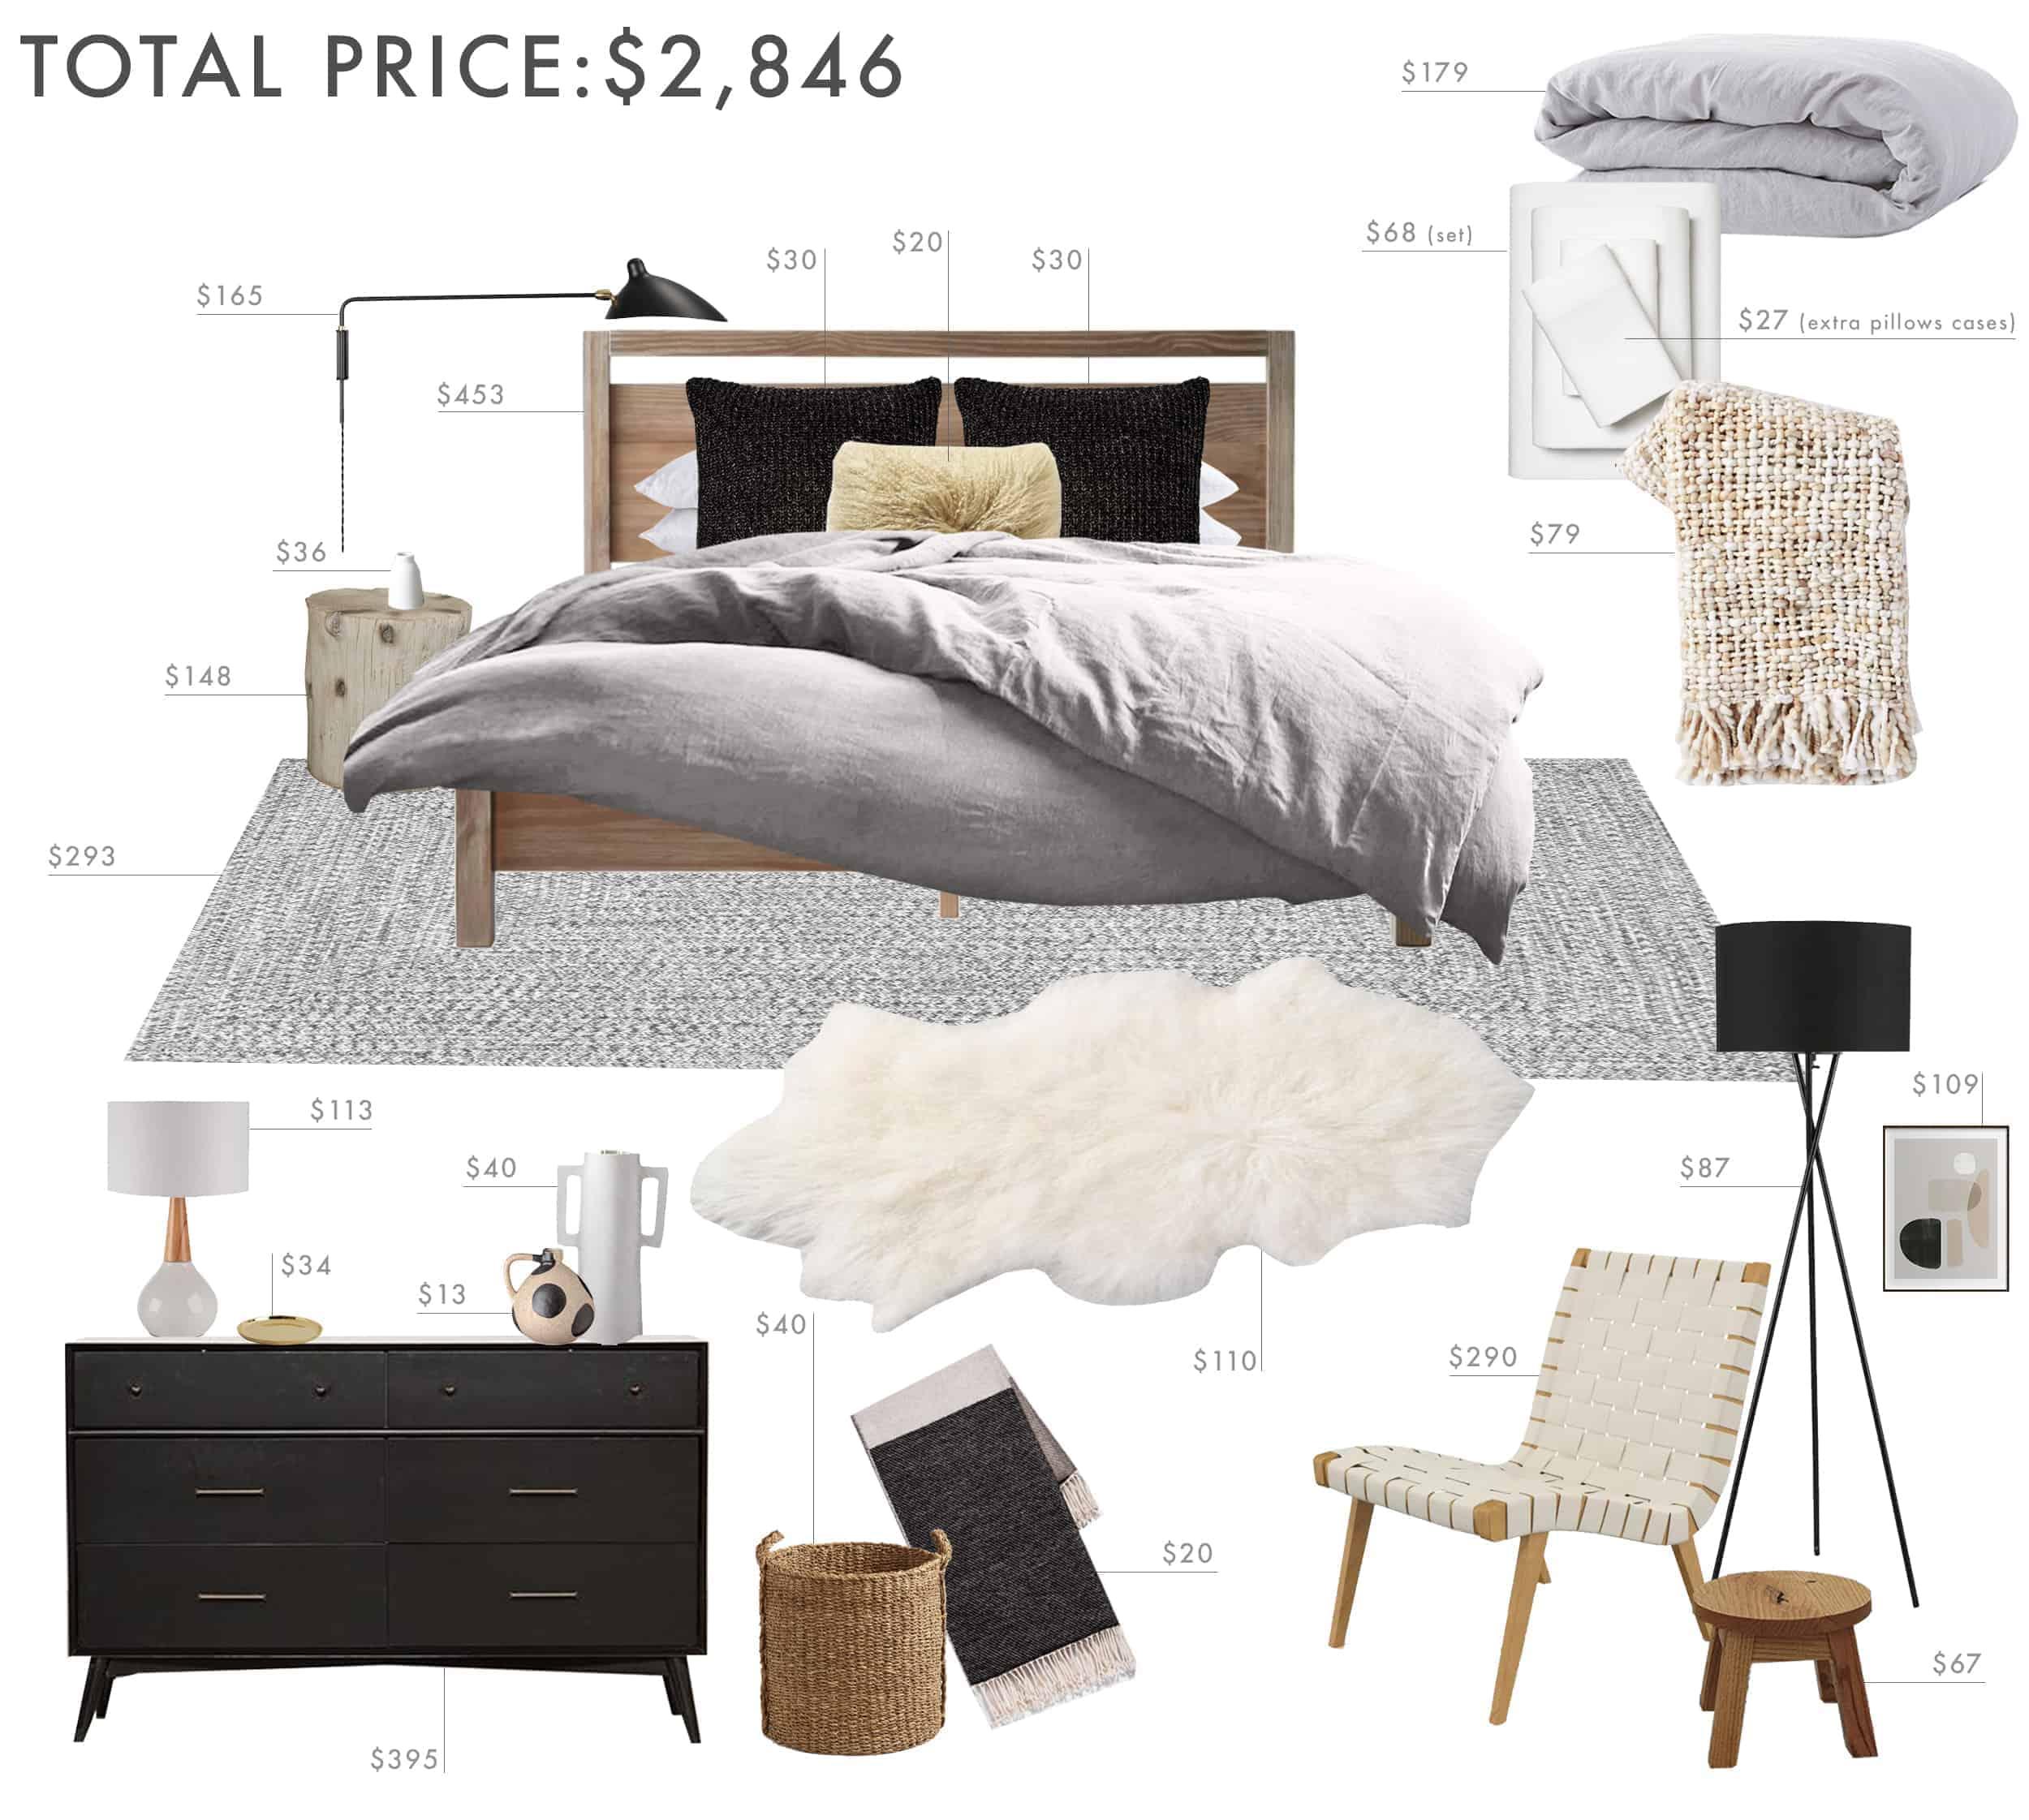 Emily Henderson Budget Room Bedroom Rustic Scandinavian Under 3k 1